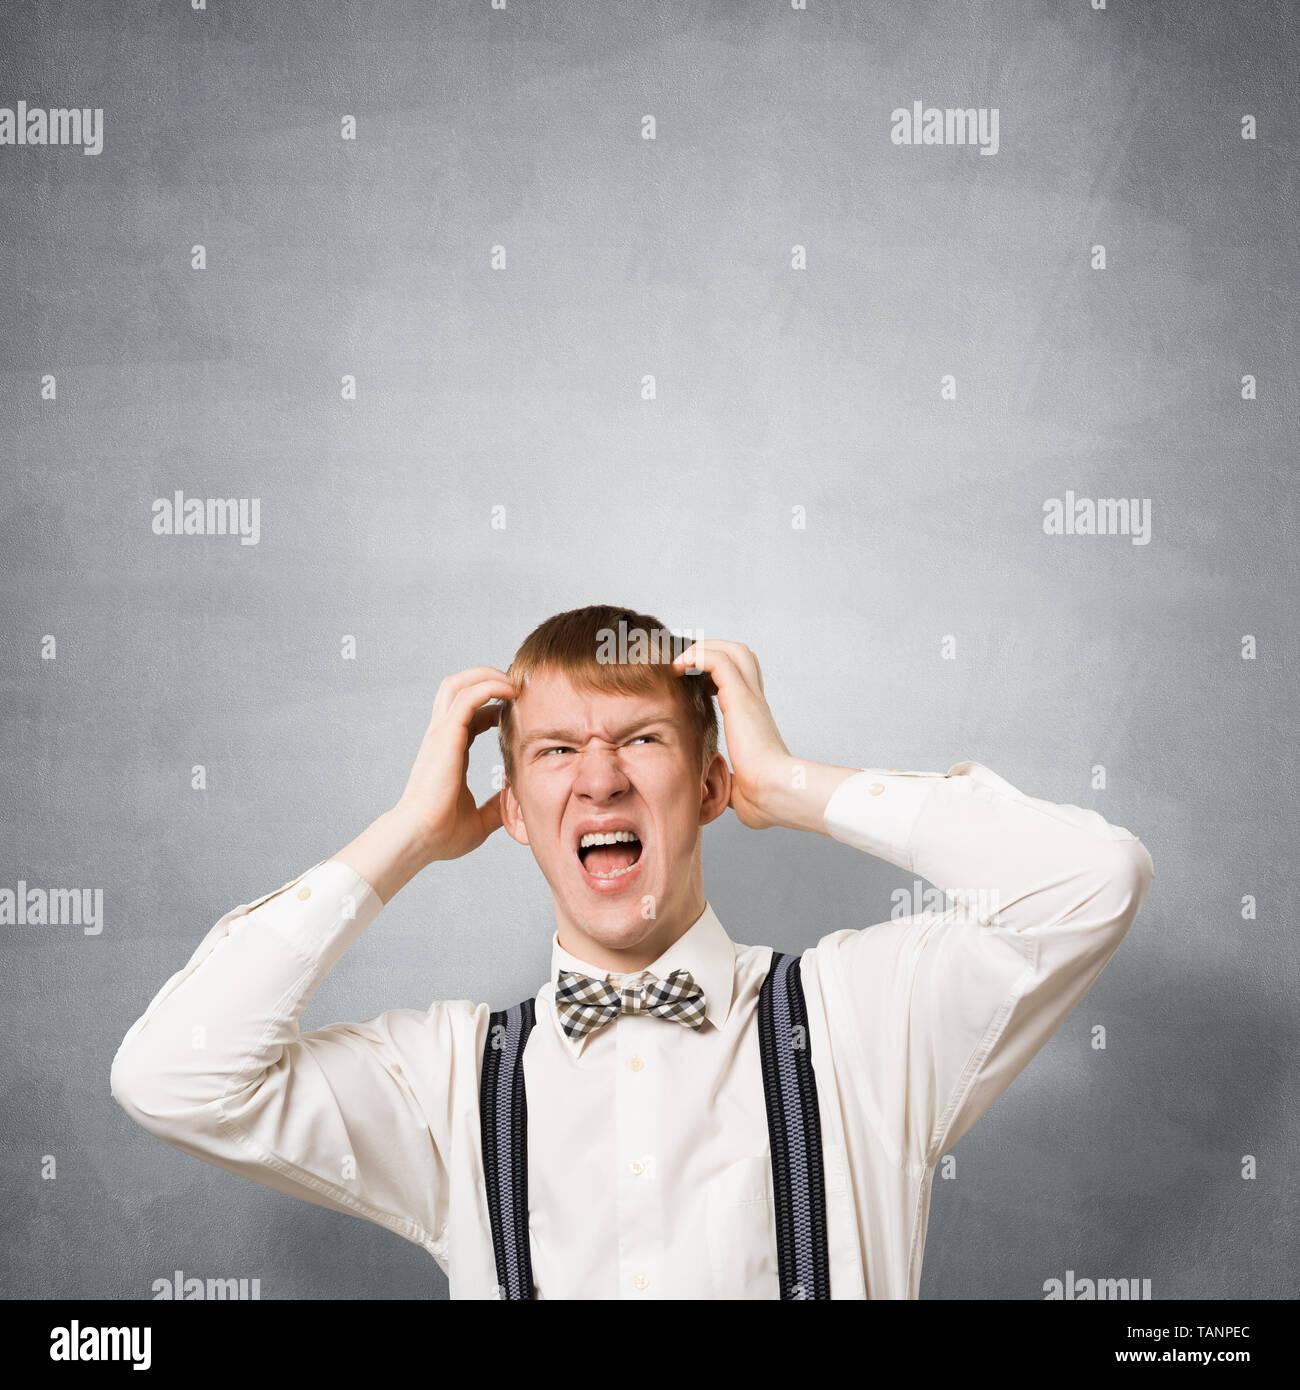 Estresante adolescente gritando con pánico Imagen De Stock